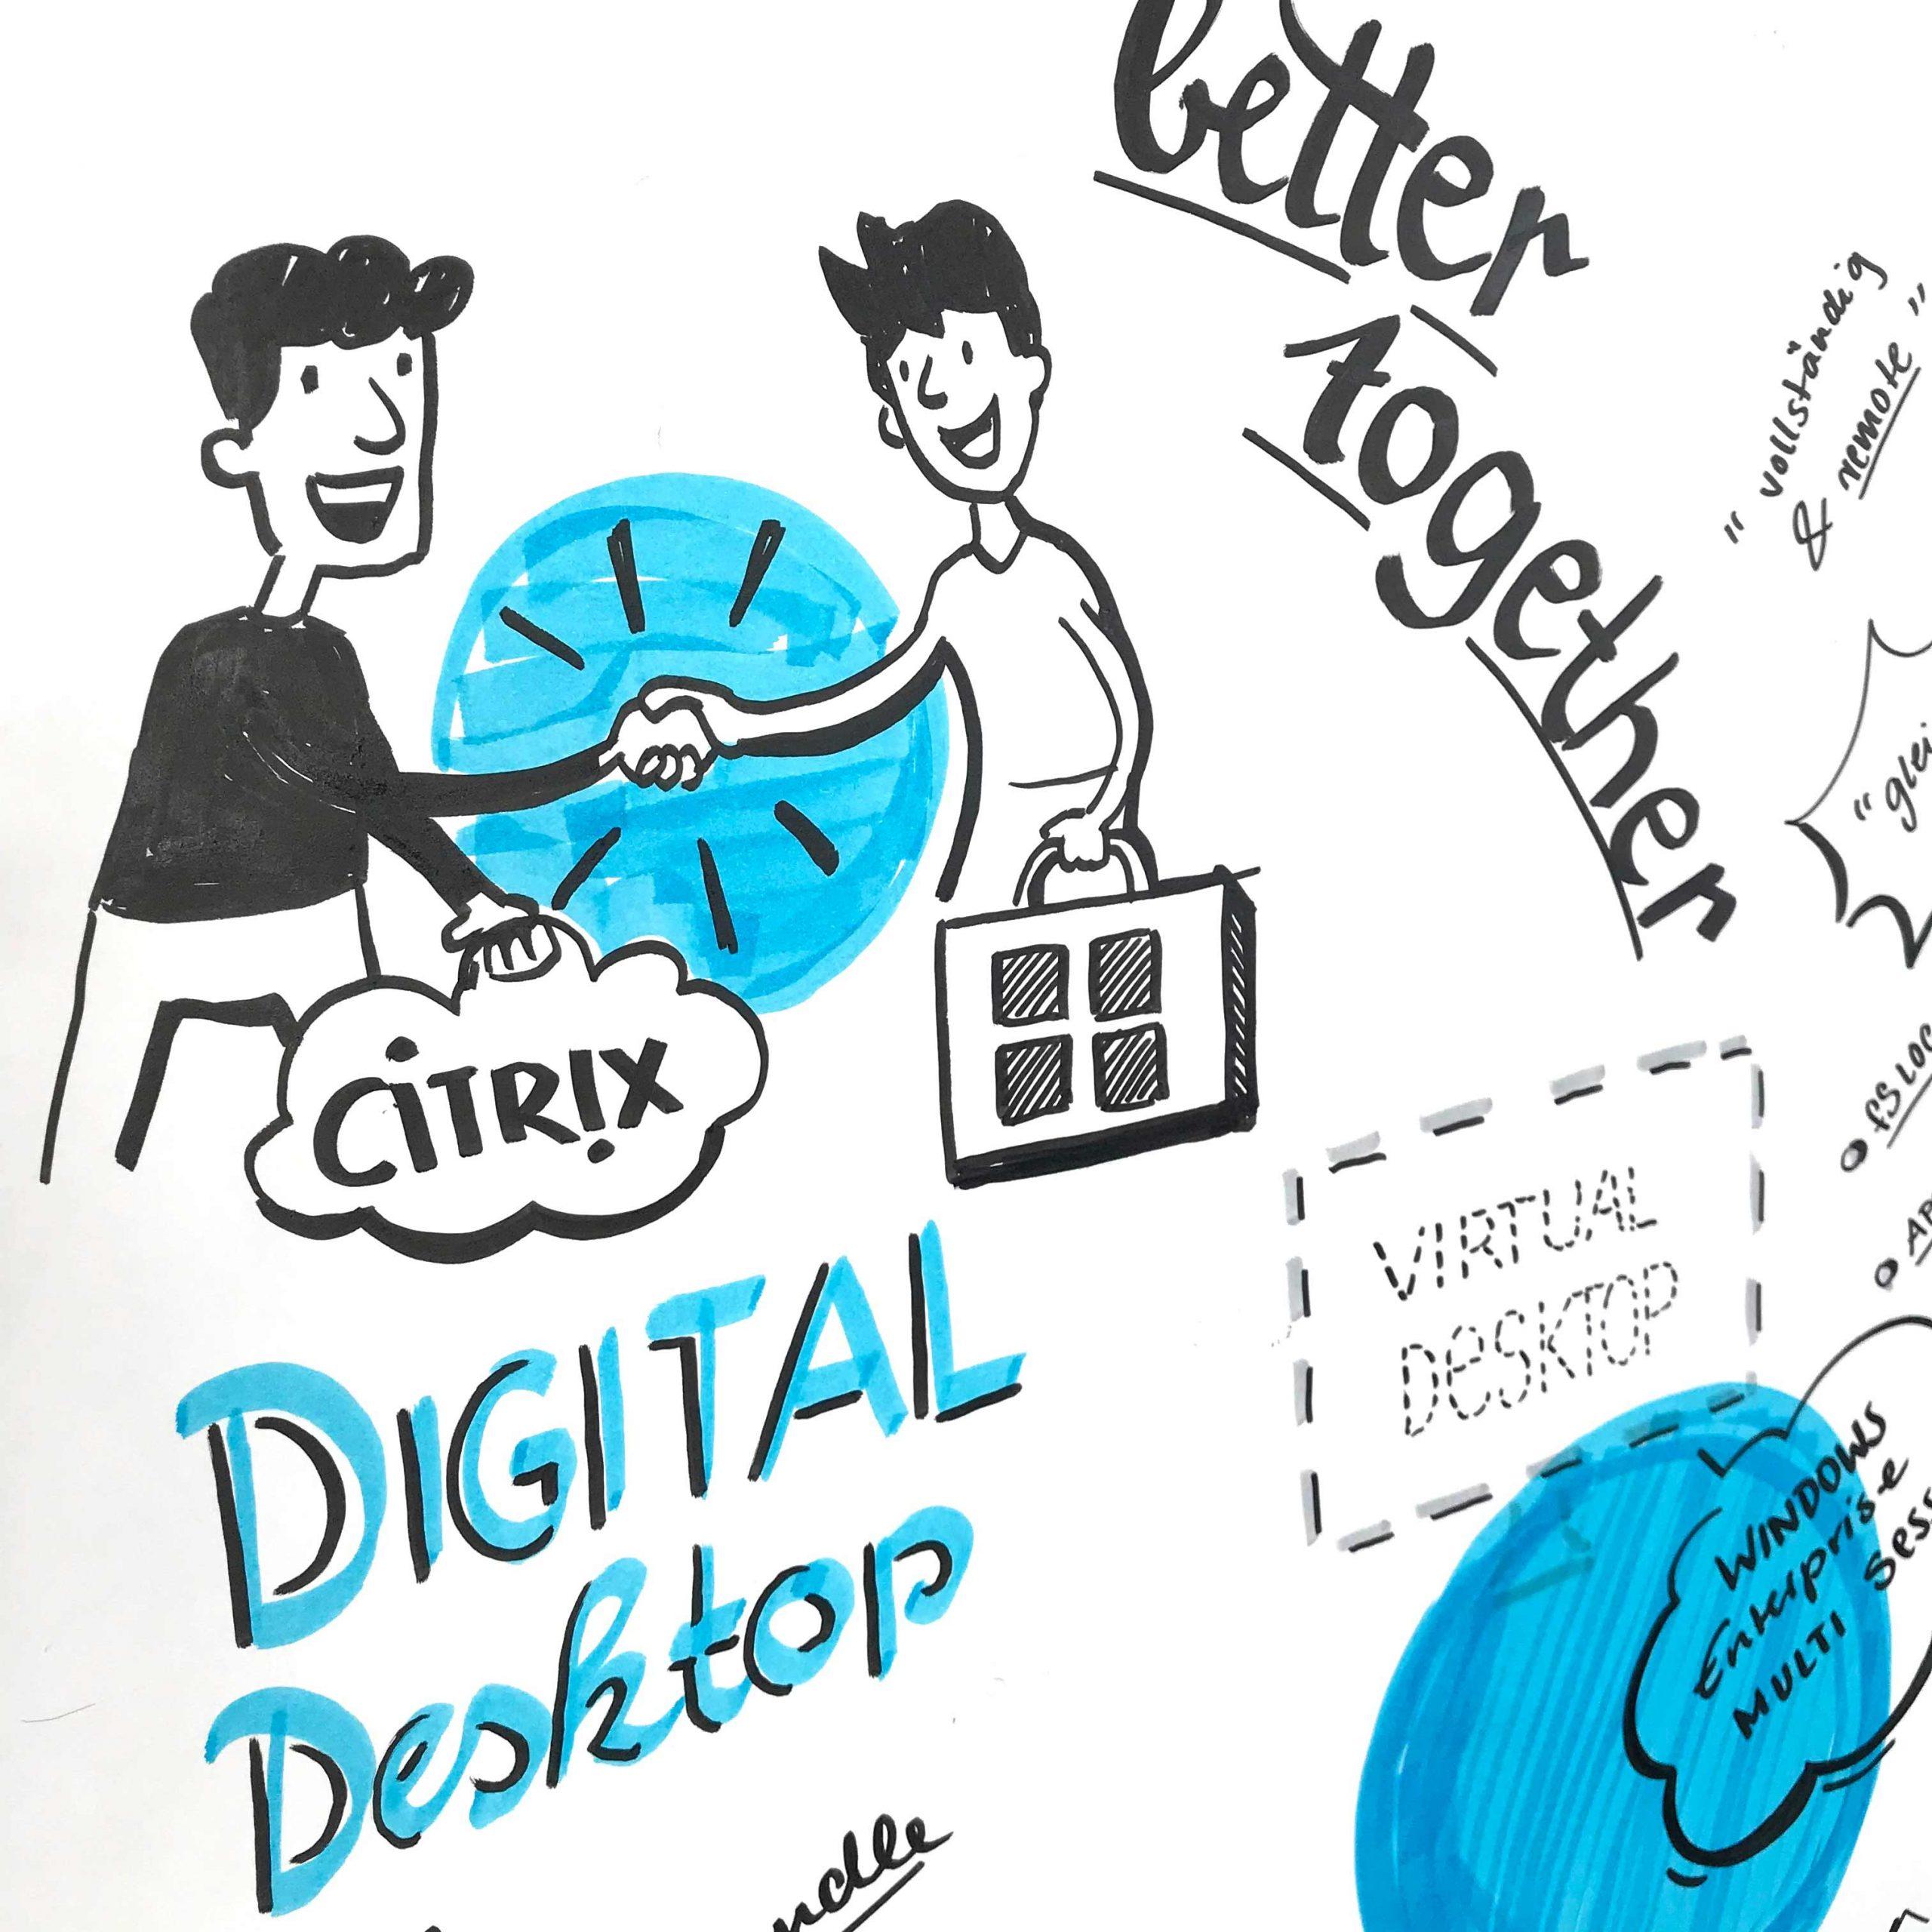 Ausschnitt aus dem Graphic Recording Ein Citrix Mitarbeiter und ein Microsoft Angestellter geben sich die Hand